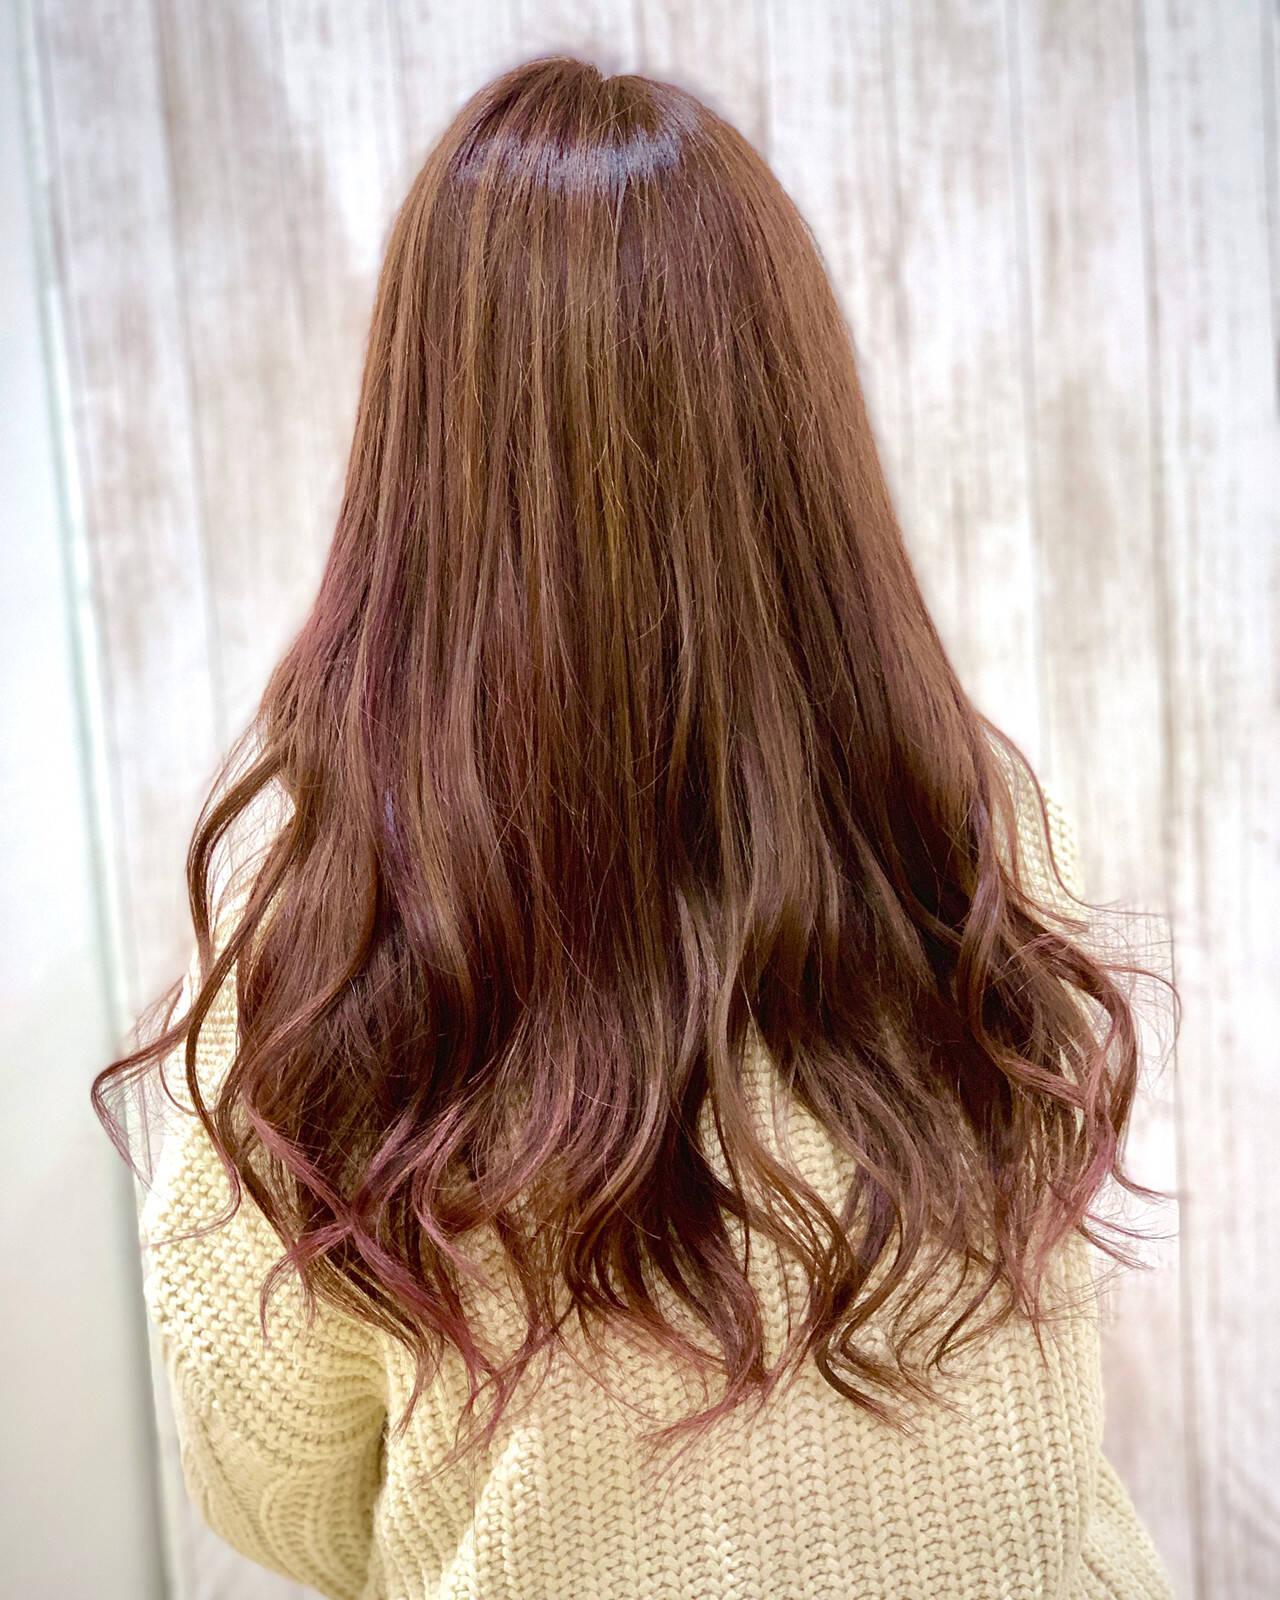 グラデーションカラー ロング ピンクカラー ゆるふわヘアスタイルや髪型の写真・画像